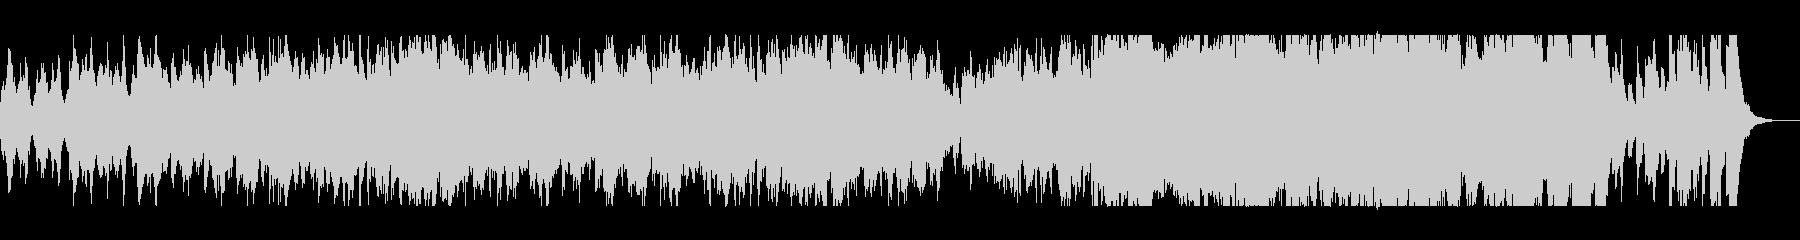 ミディアムテンポで重厚な交響曲の未再生の波形